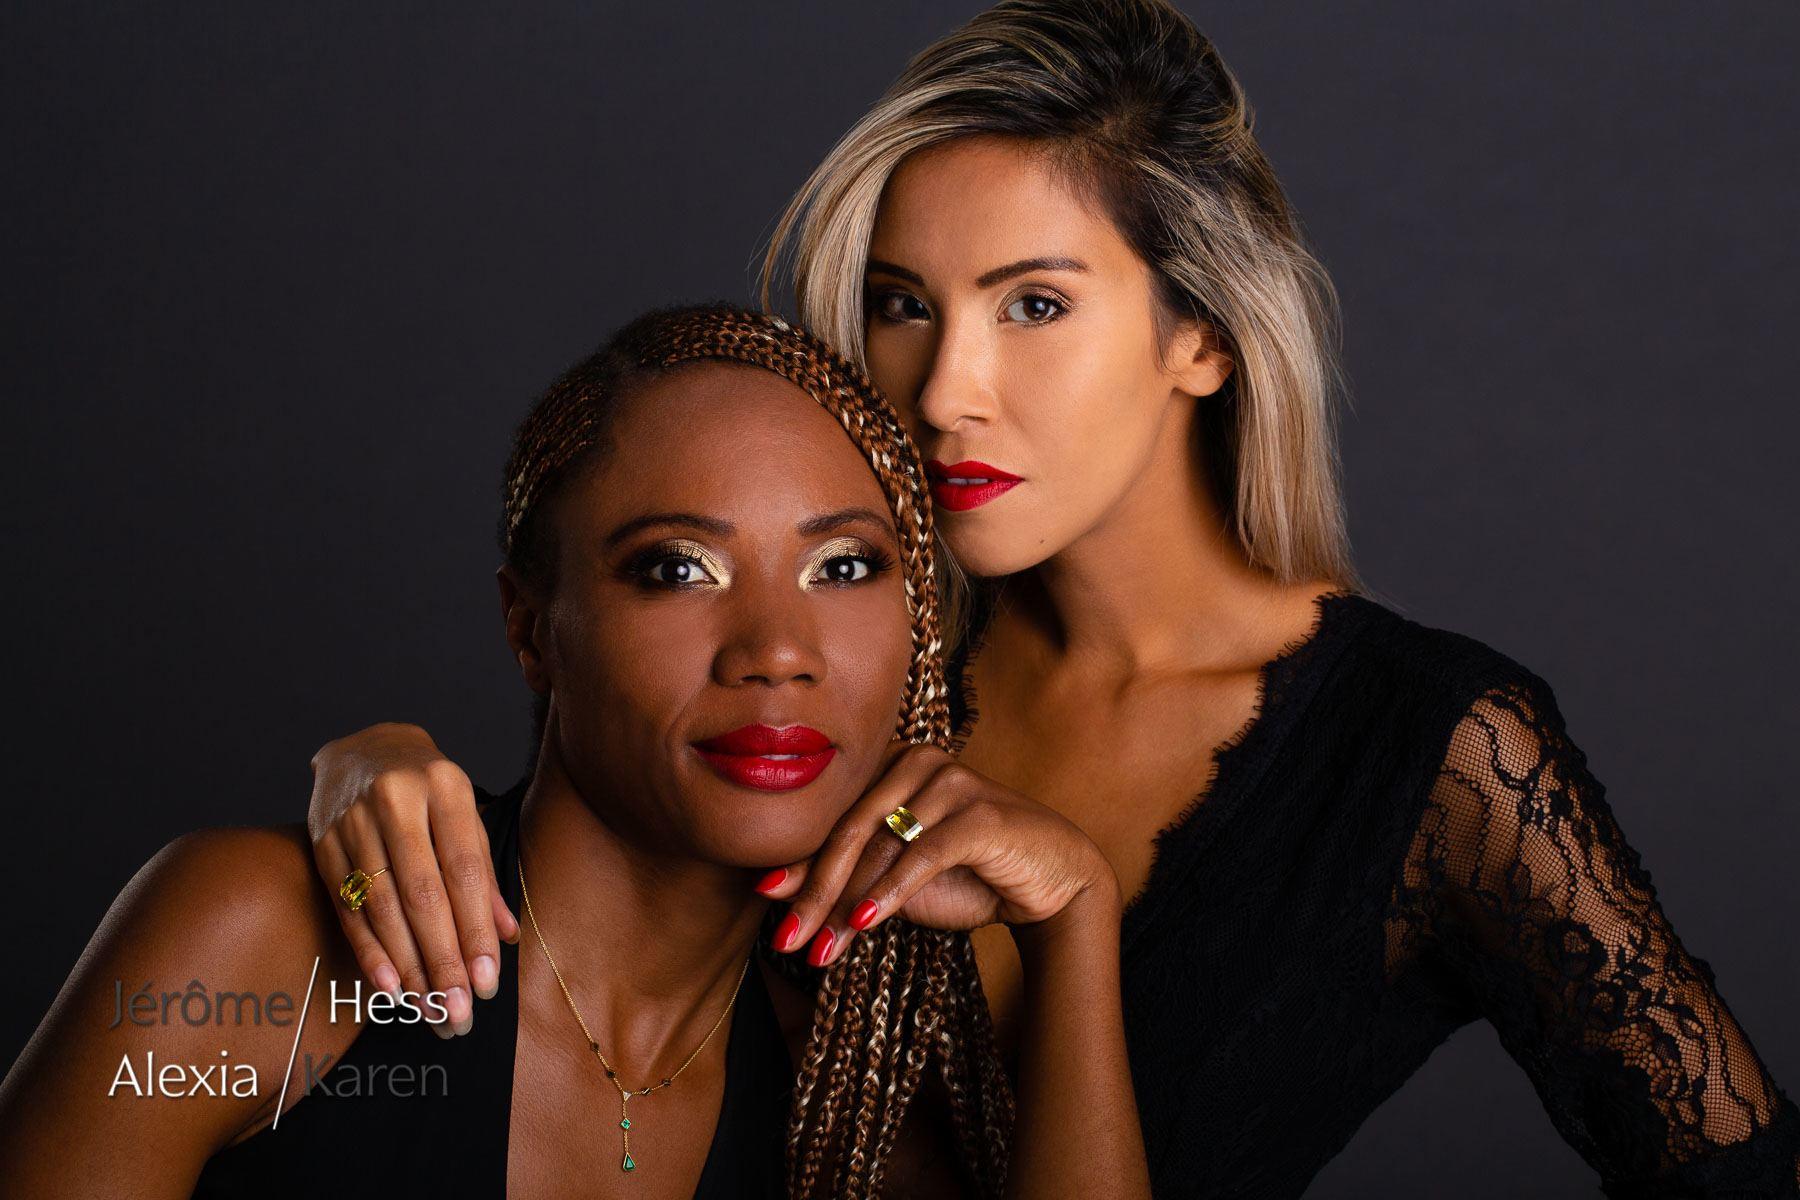 modèle mannequin genève suisse portrait bijoux karen alexia duo femmes beauté close up jerome hess